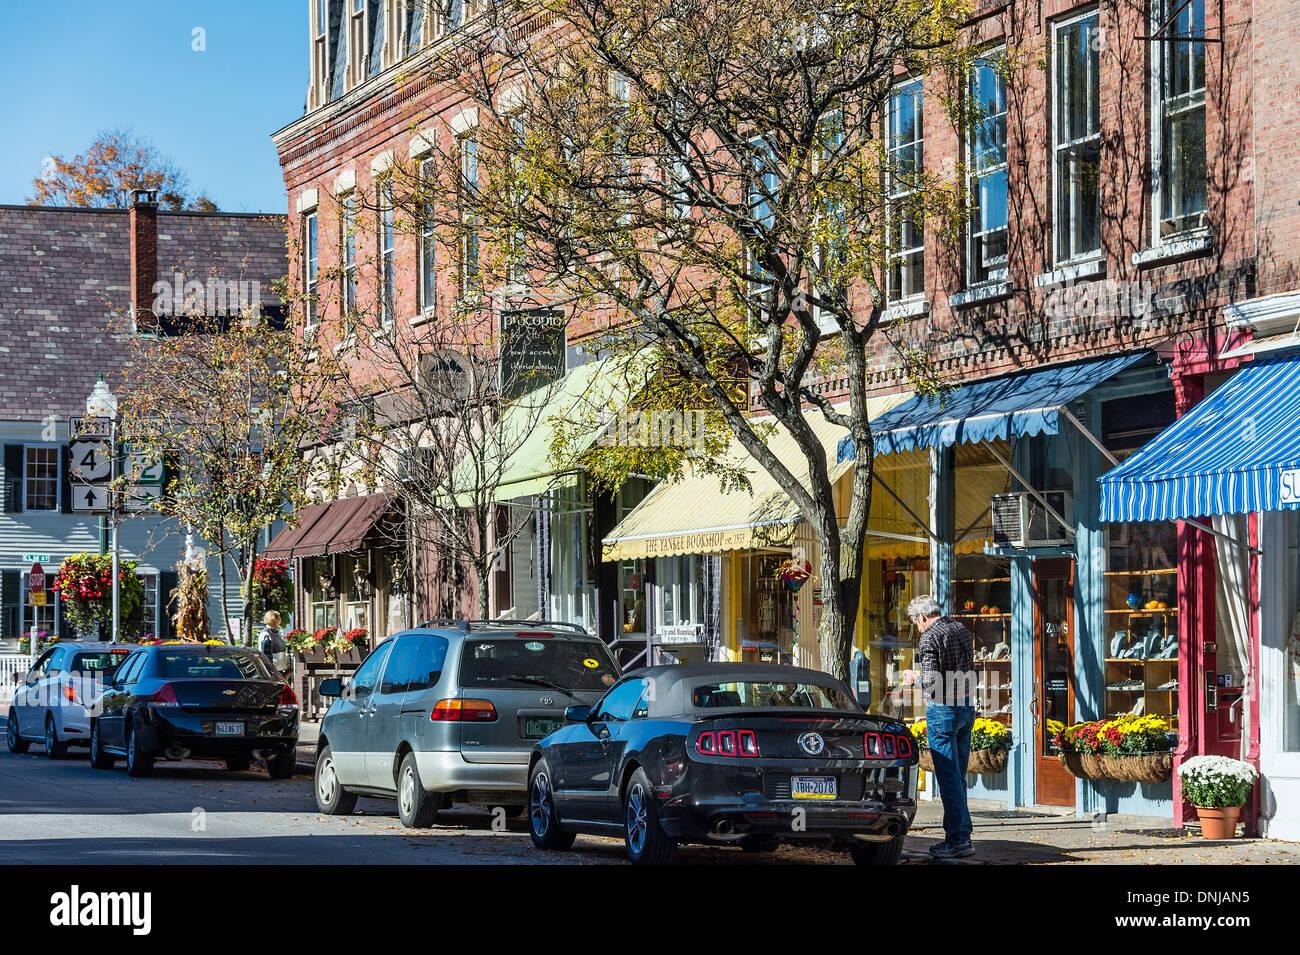 Encantadoras tiendas de la calle principal en el pueblo de Woodstock, Vermont, EE.UU. Imagen De Stock